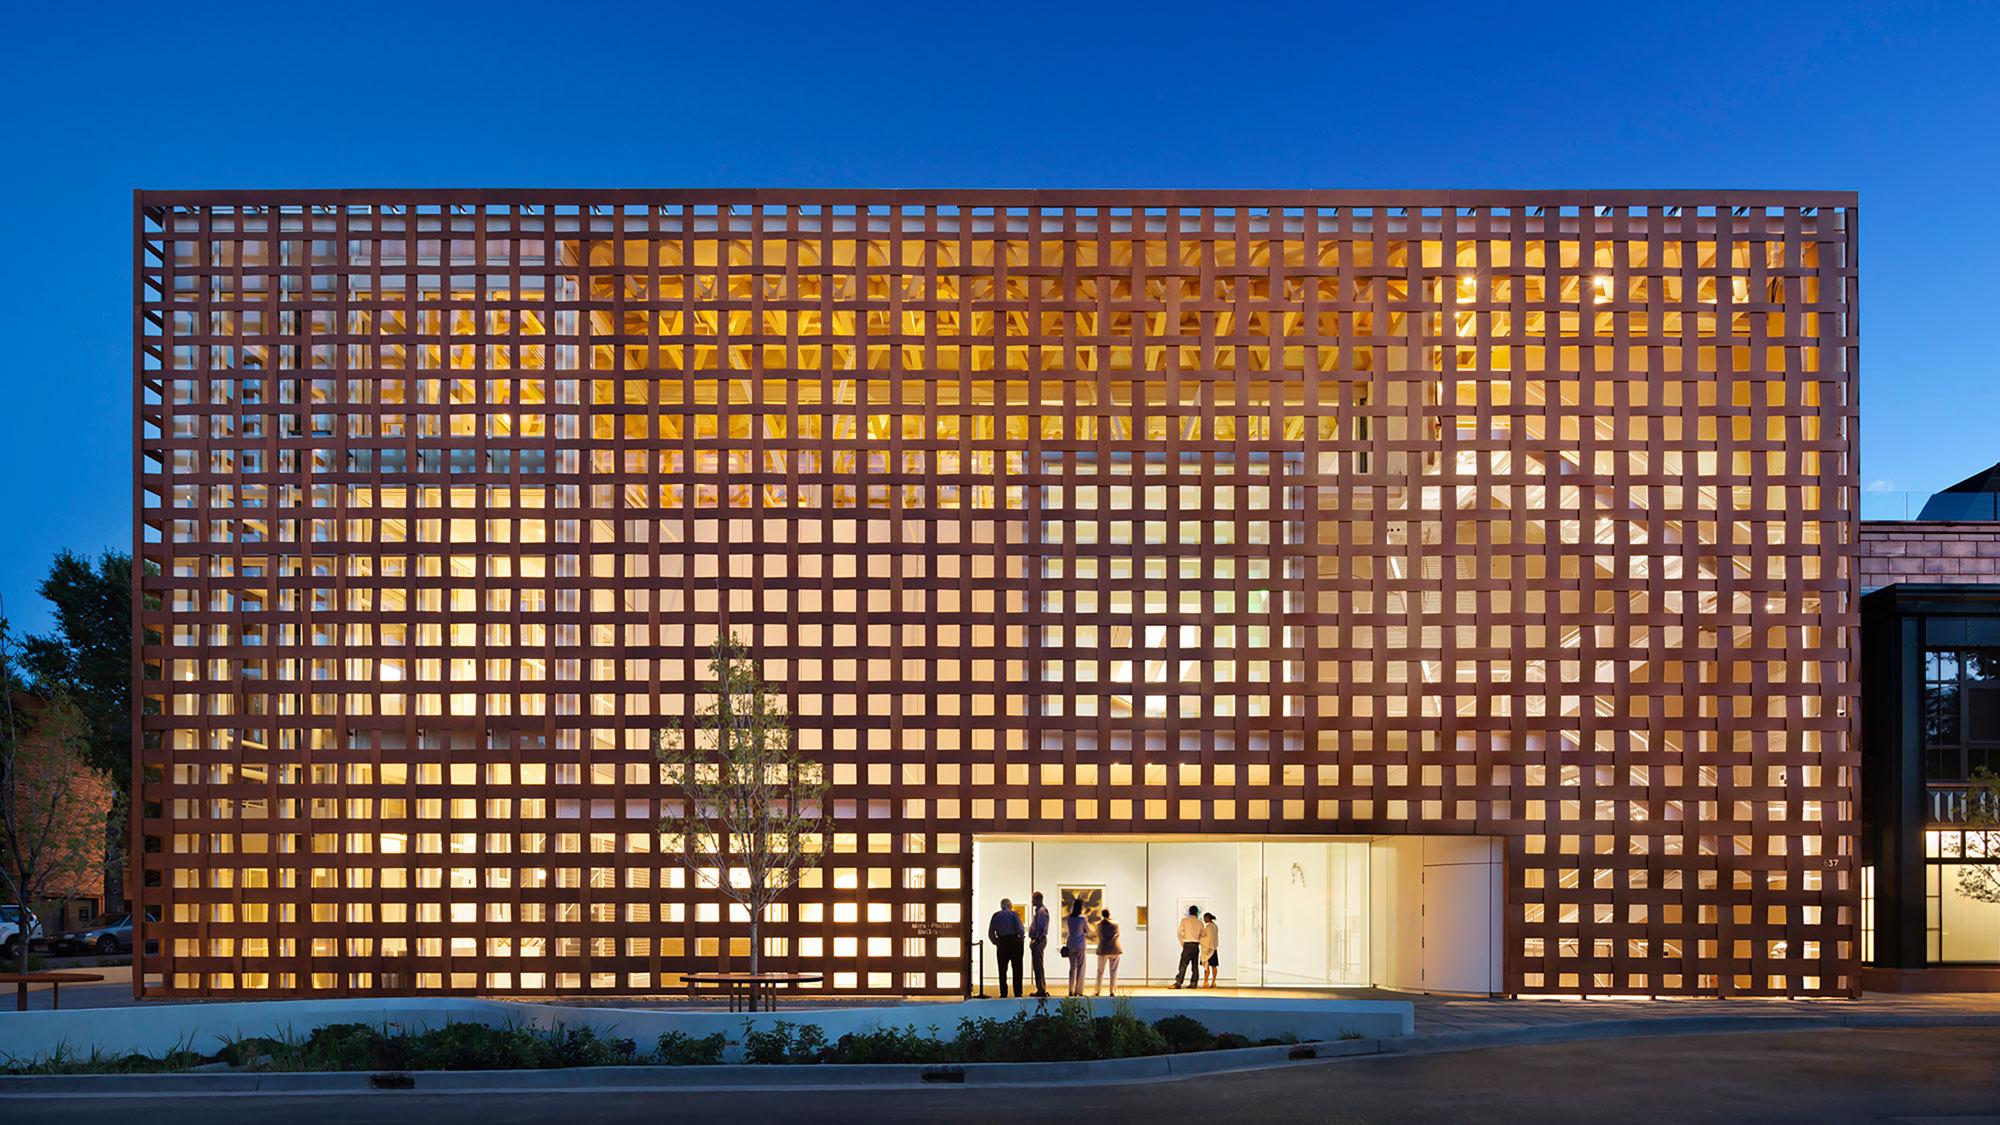 Aspen Art Museum illuminated exterior view